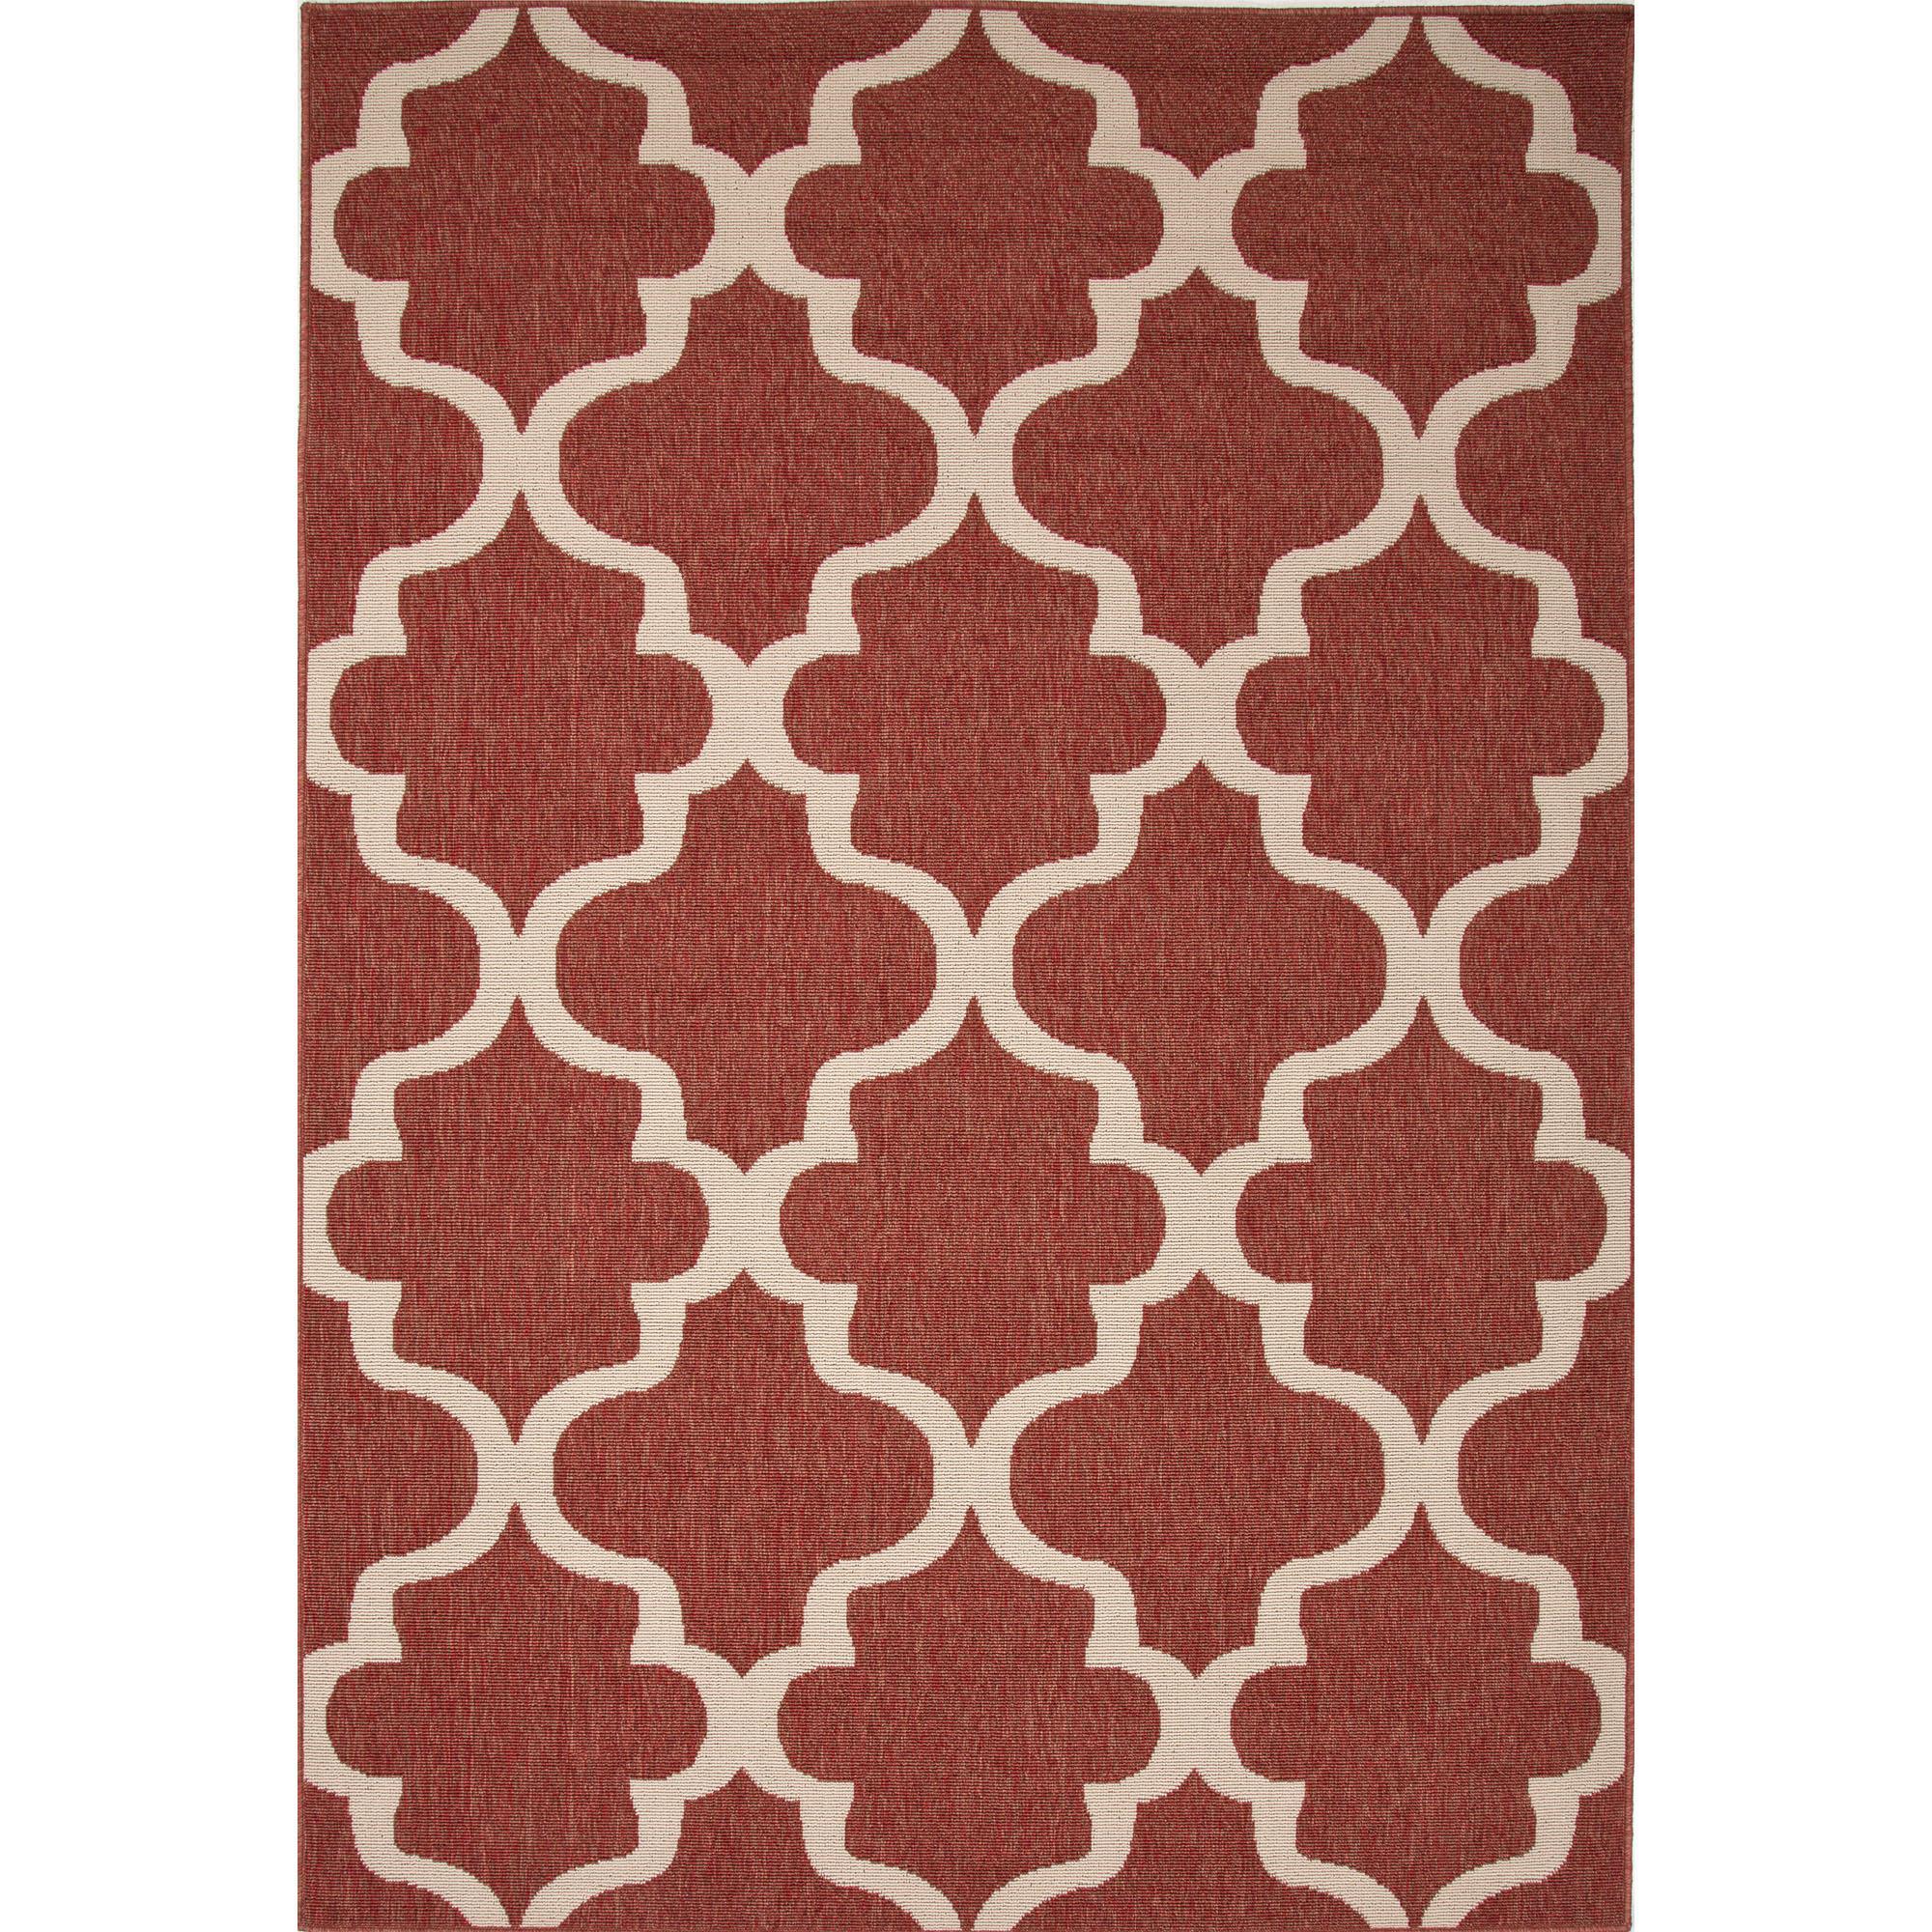 JAIPUR Rugs Bloom 7.11 x 10 Rug - Item Number: RUG121924